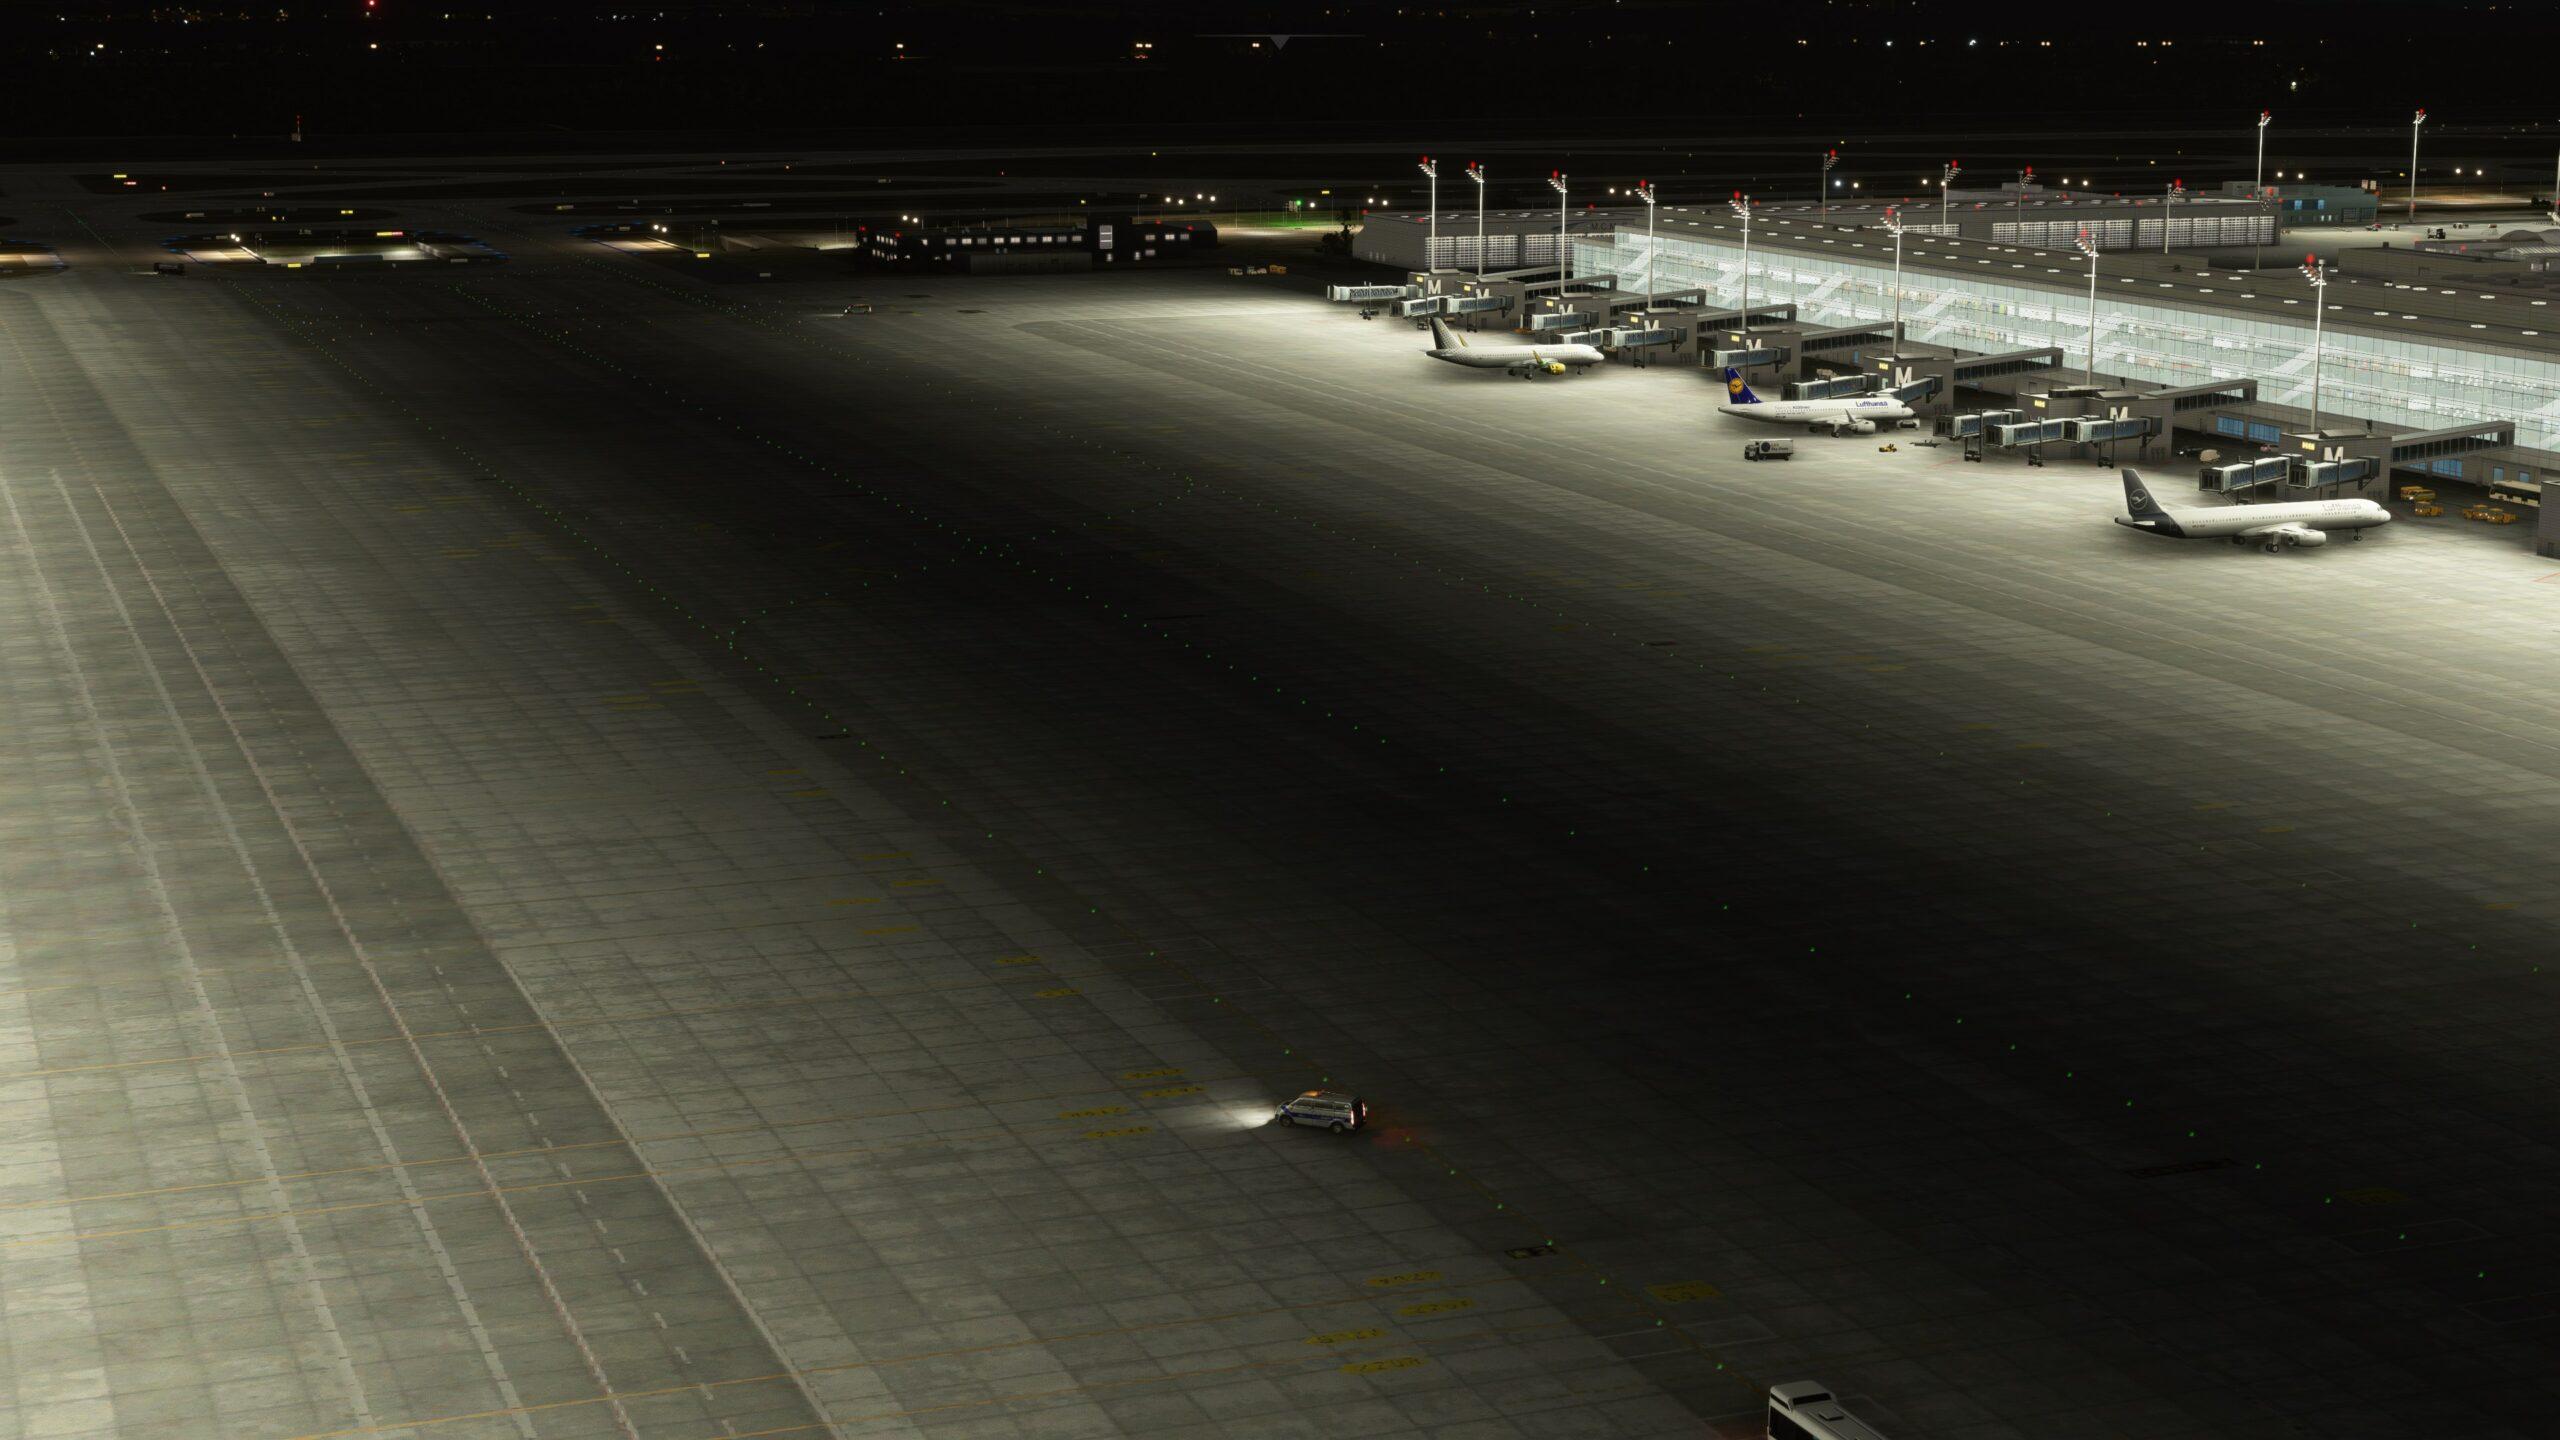 FlightSimulator_2F5eiLnq1J